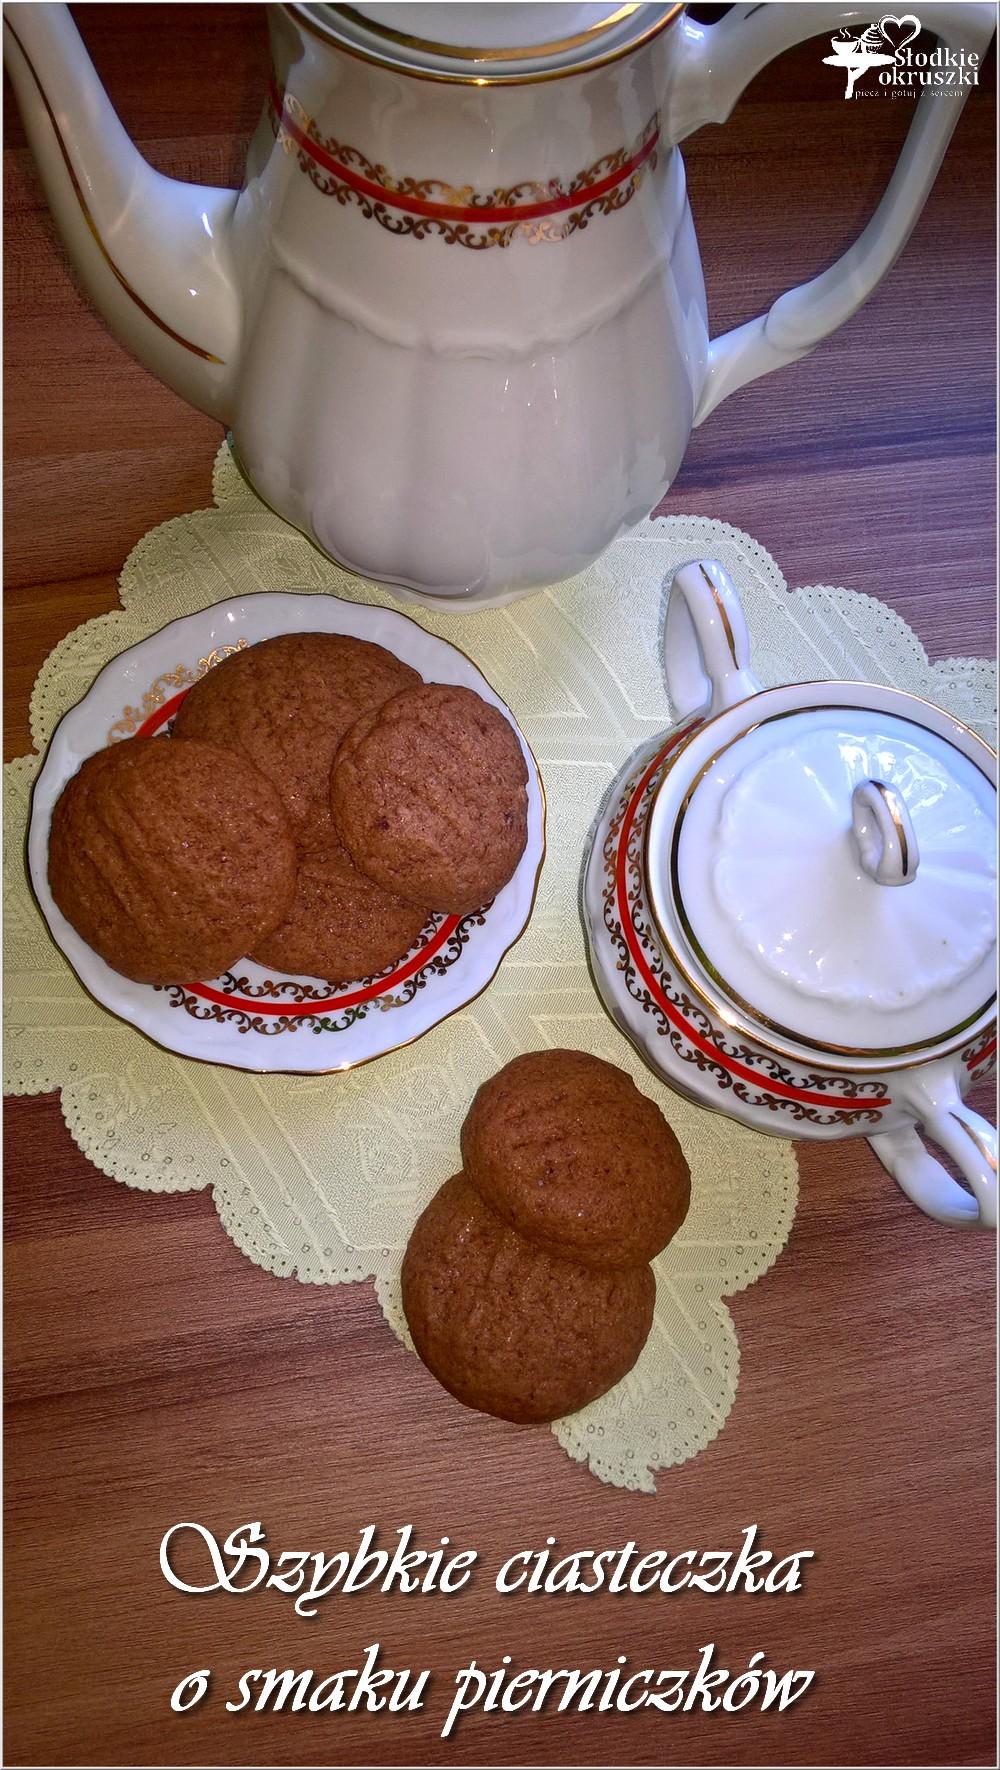 Szybkie ciasteczka o smaku pierniczków (1)